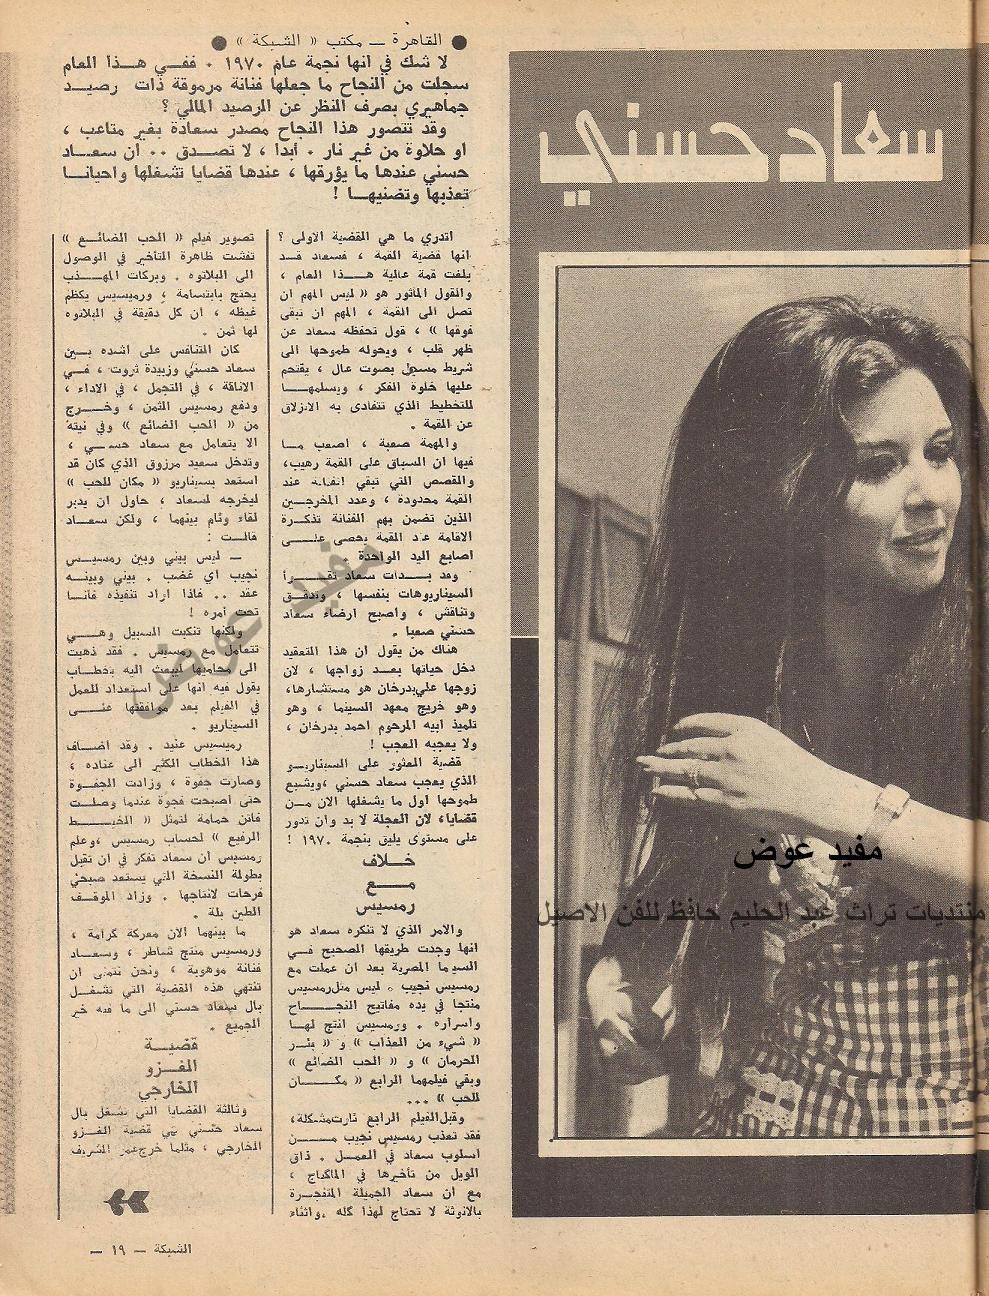 مقال - مقال صحفي : 5 قضايا في حياة سعاد حسني 1971 م 287